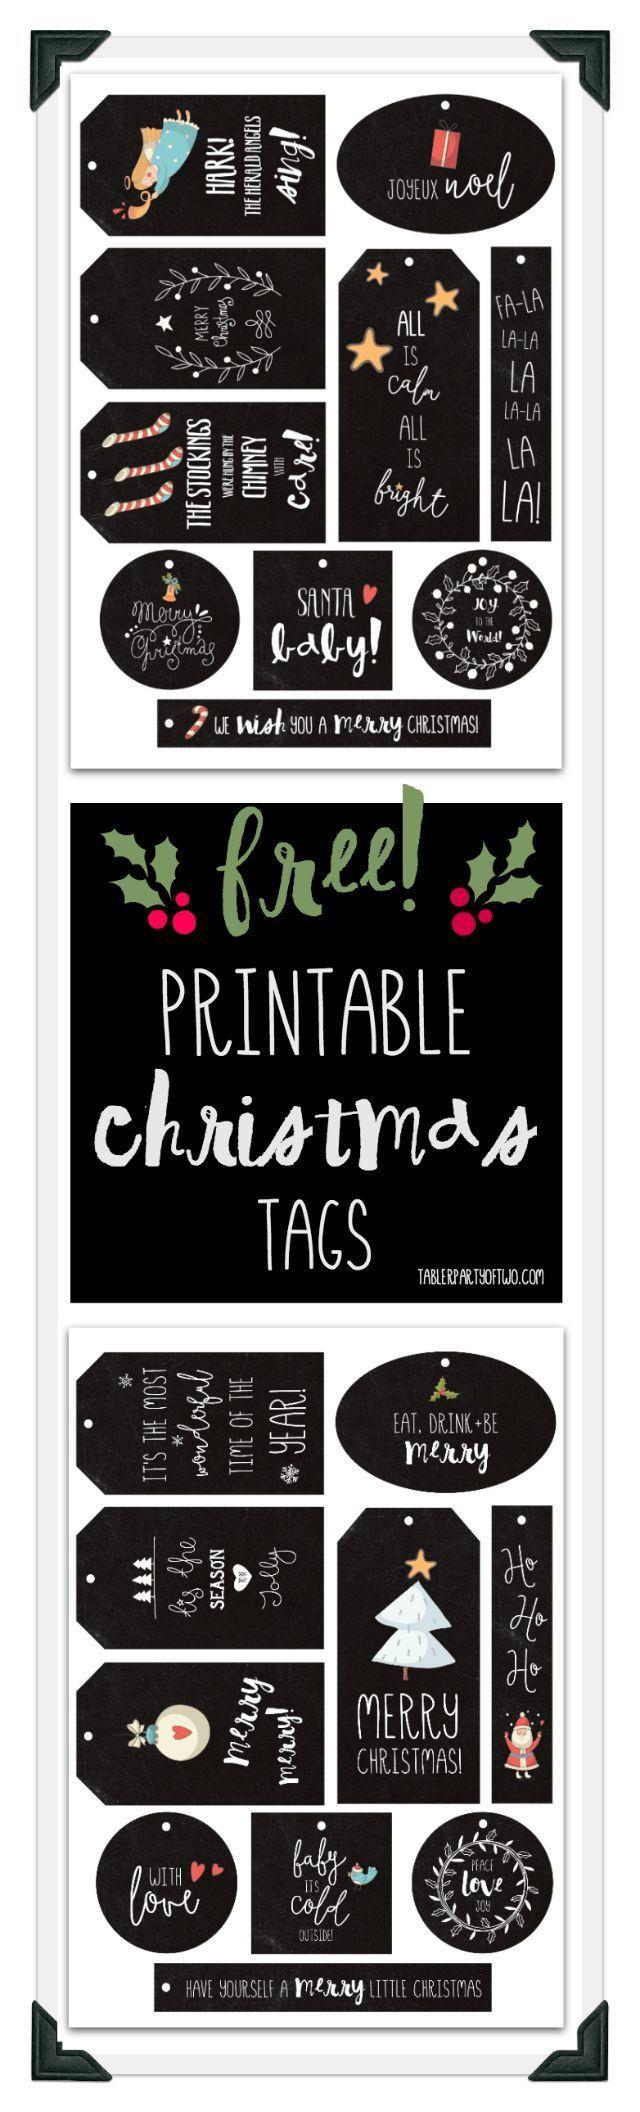 Free Printable Christmas Tags - and 13 other Christmas printables!